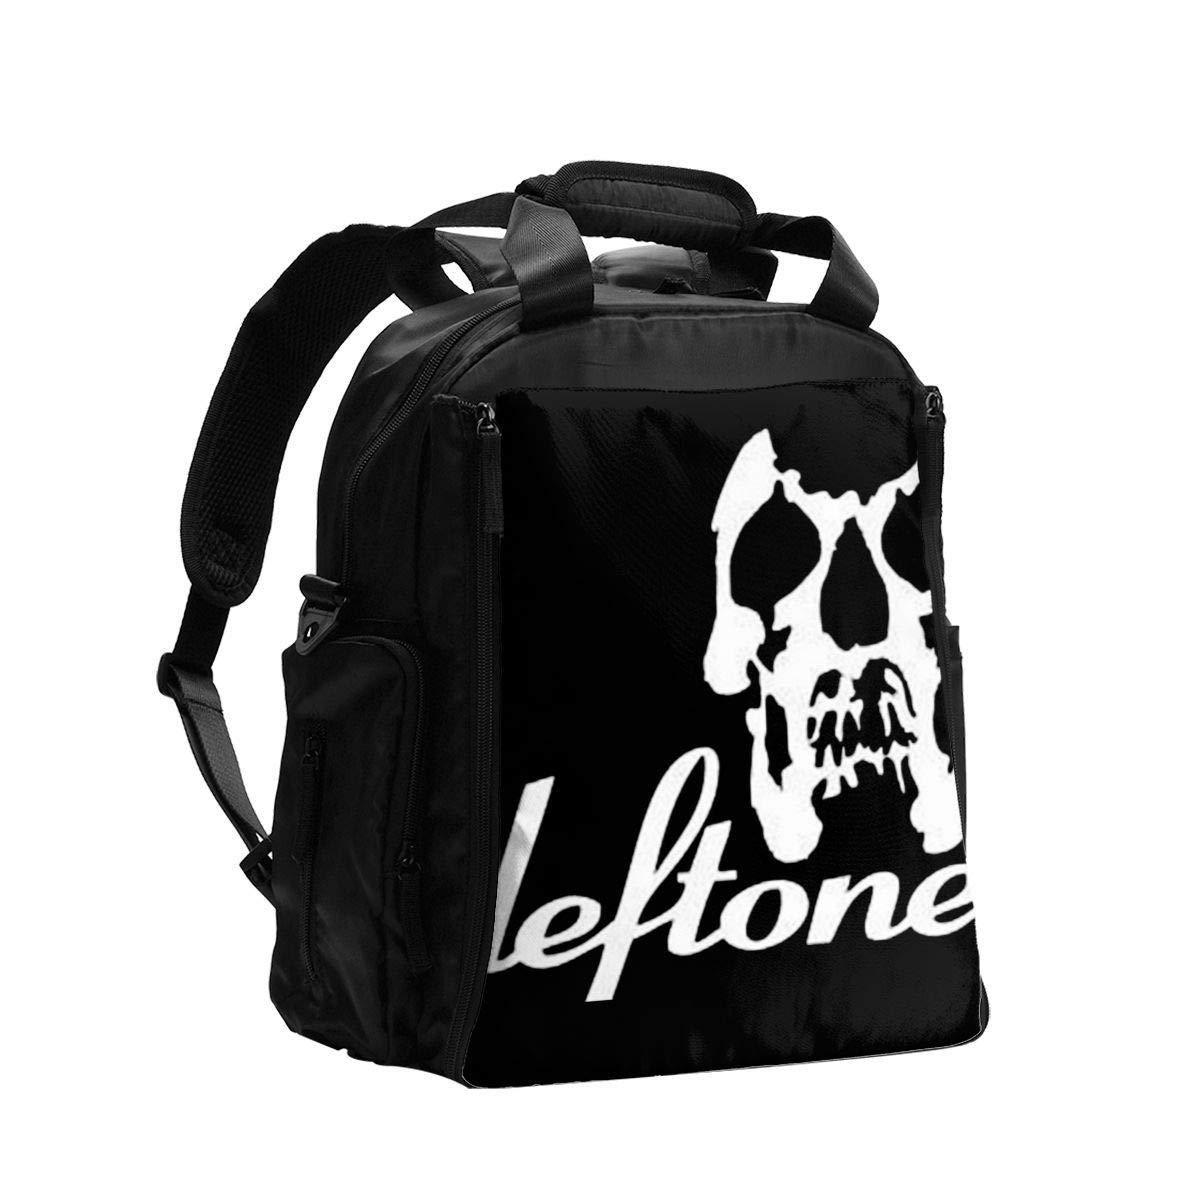 Deftones Diaper Bag Backpack,Baby Travel Nappy Back Pack